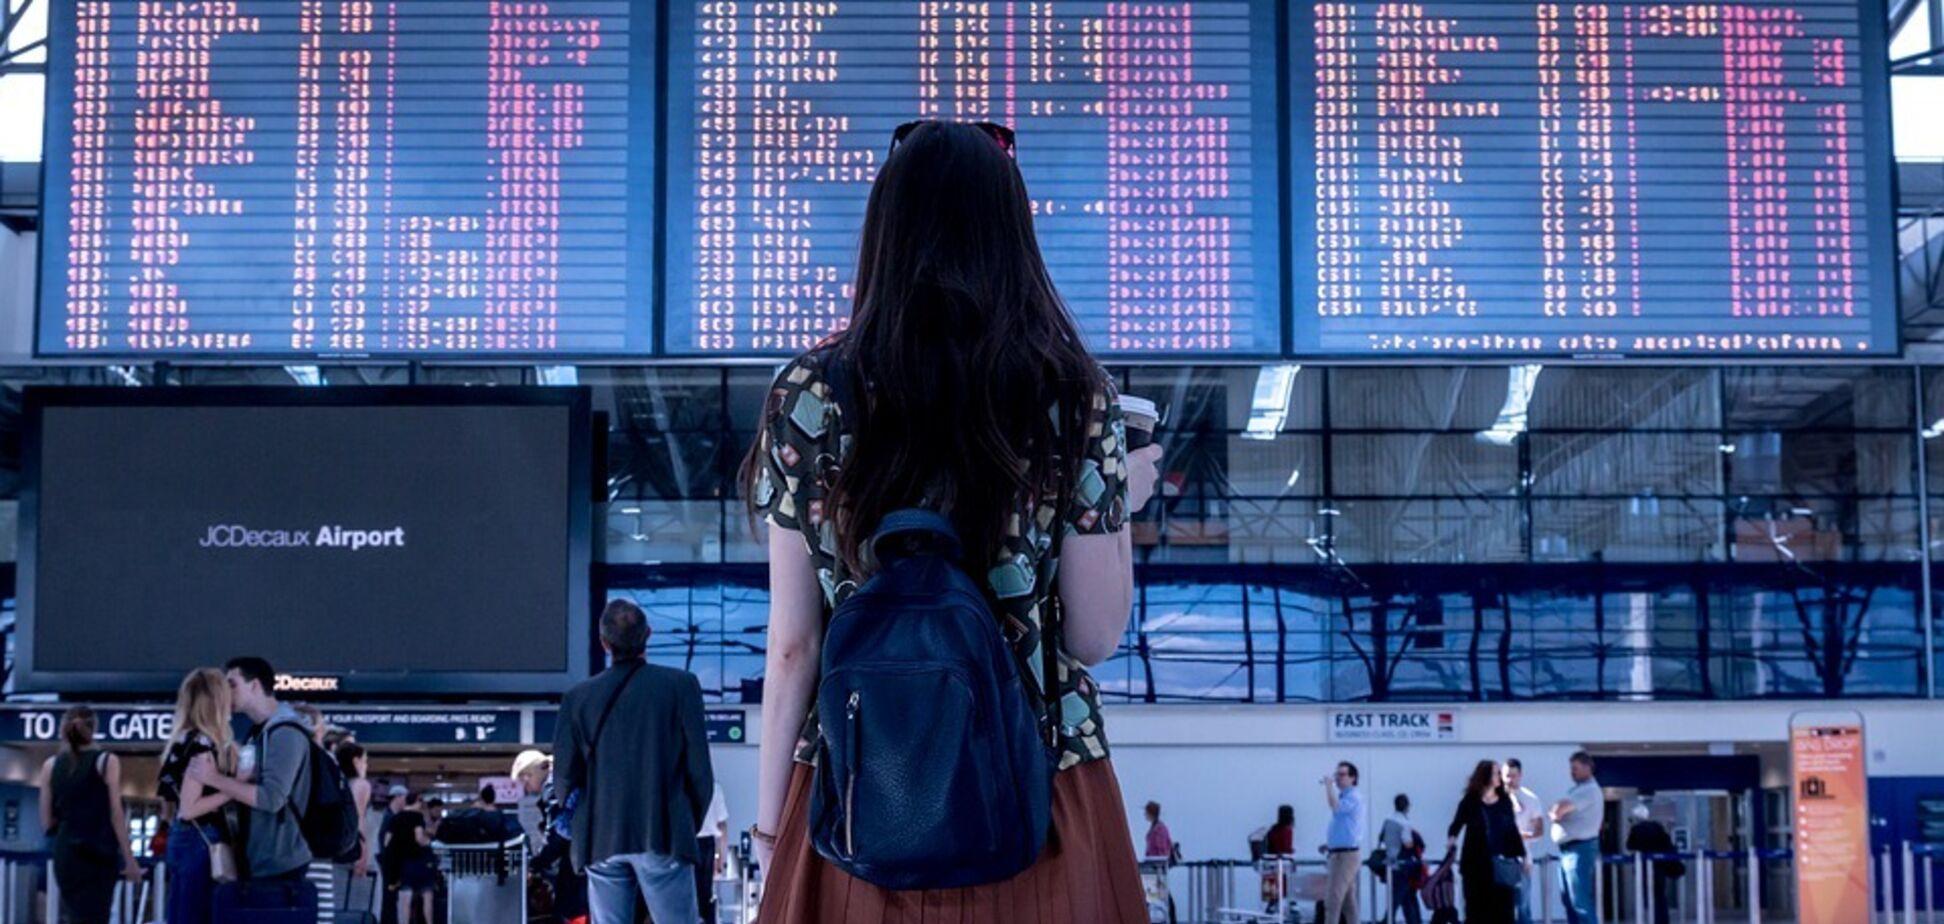 Задержали или отменили рейс: украинским туристам сказали, что делать